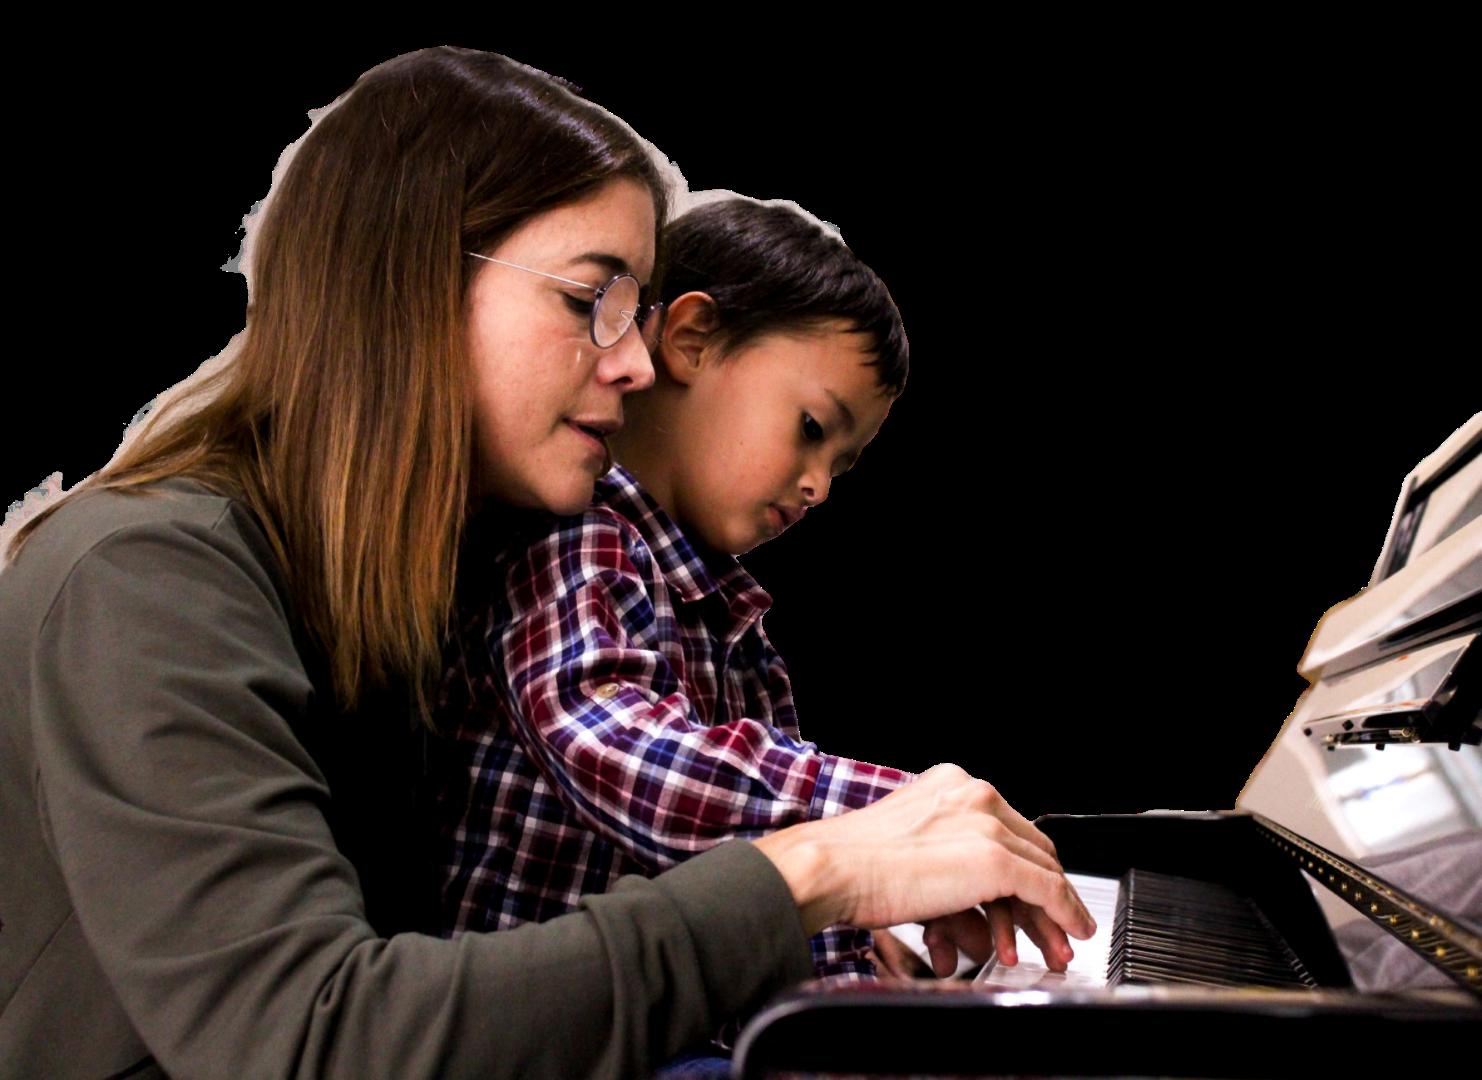 Vínculo - Maqueta - Web - EN CONSTRUCCIÓN - Maestra y alumno